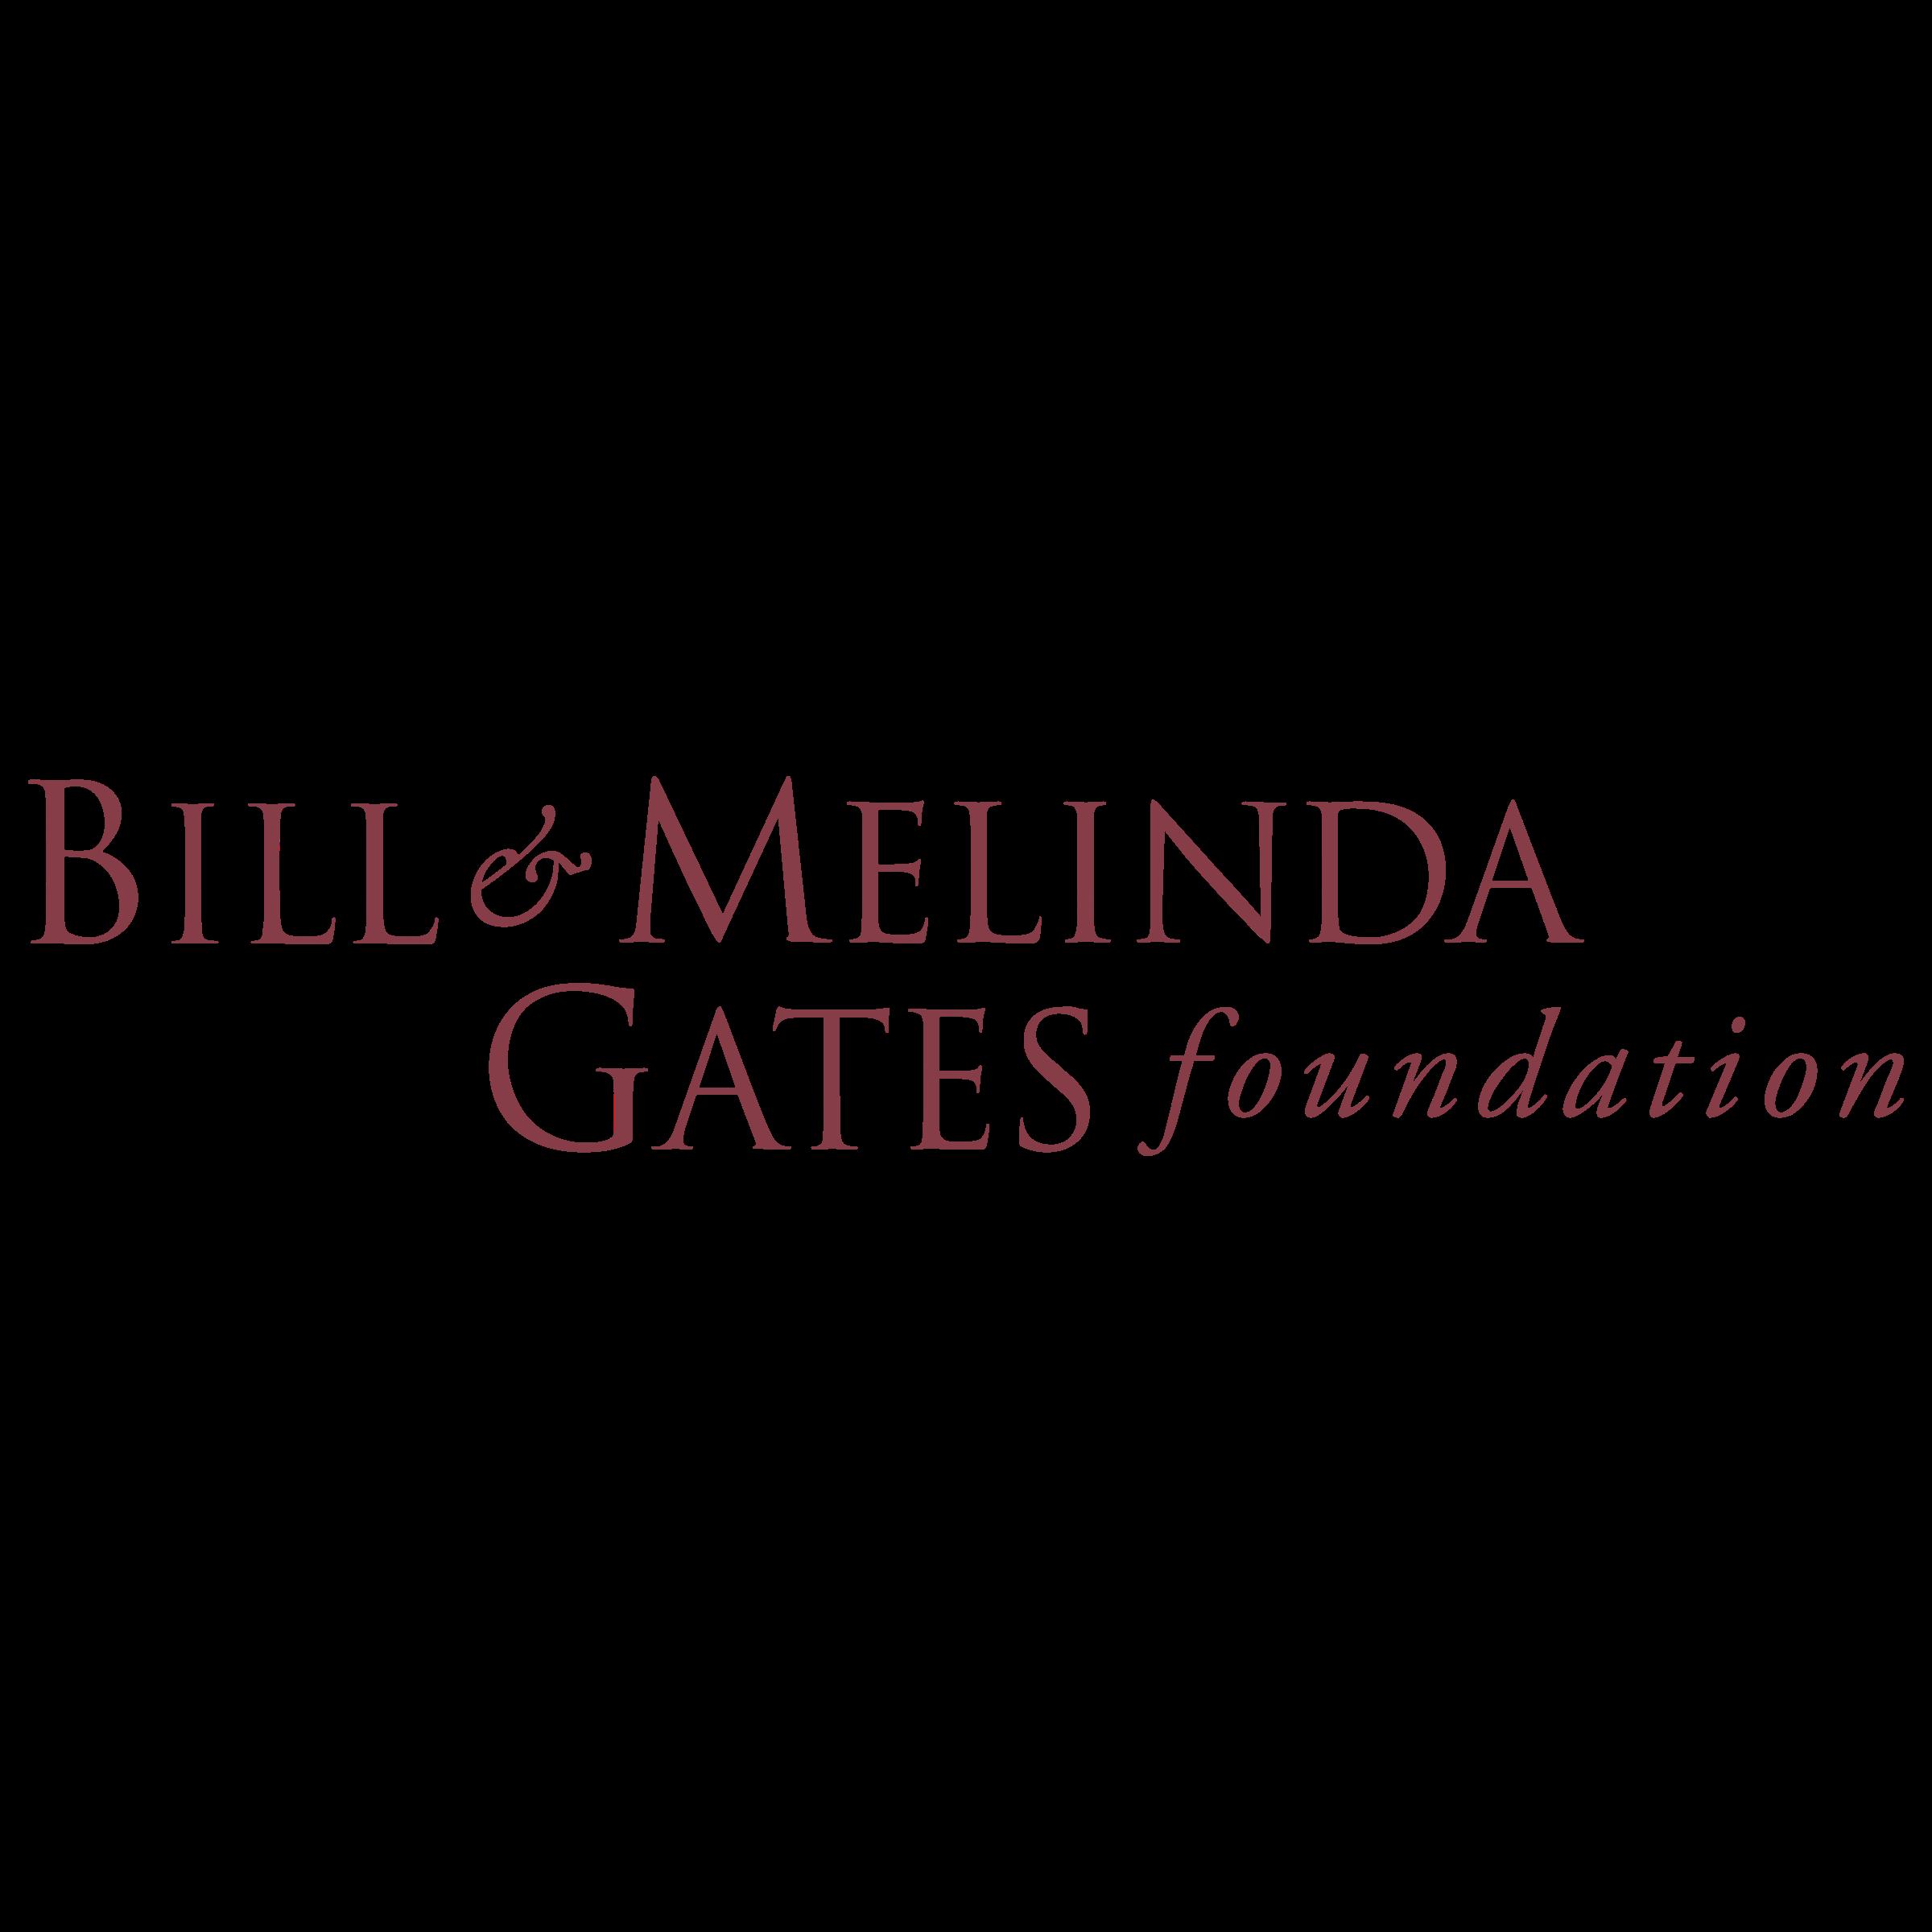 bill-melinda-gates-foundation-logo-png-transparent.png